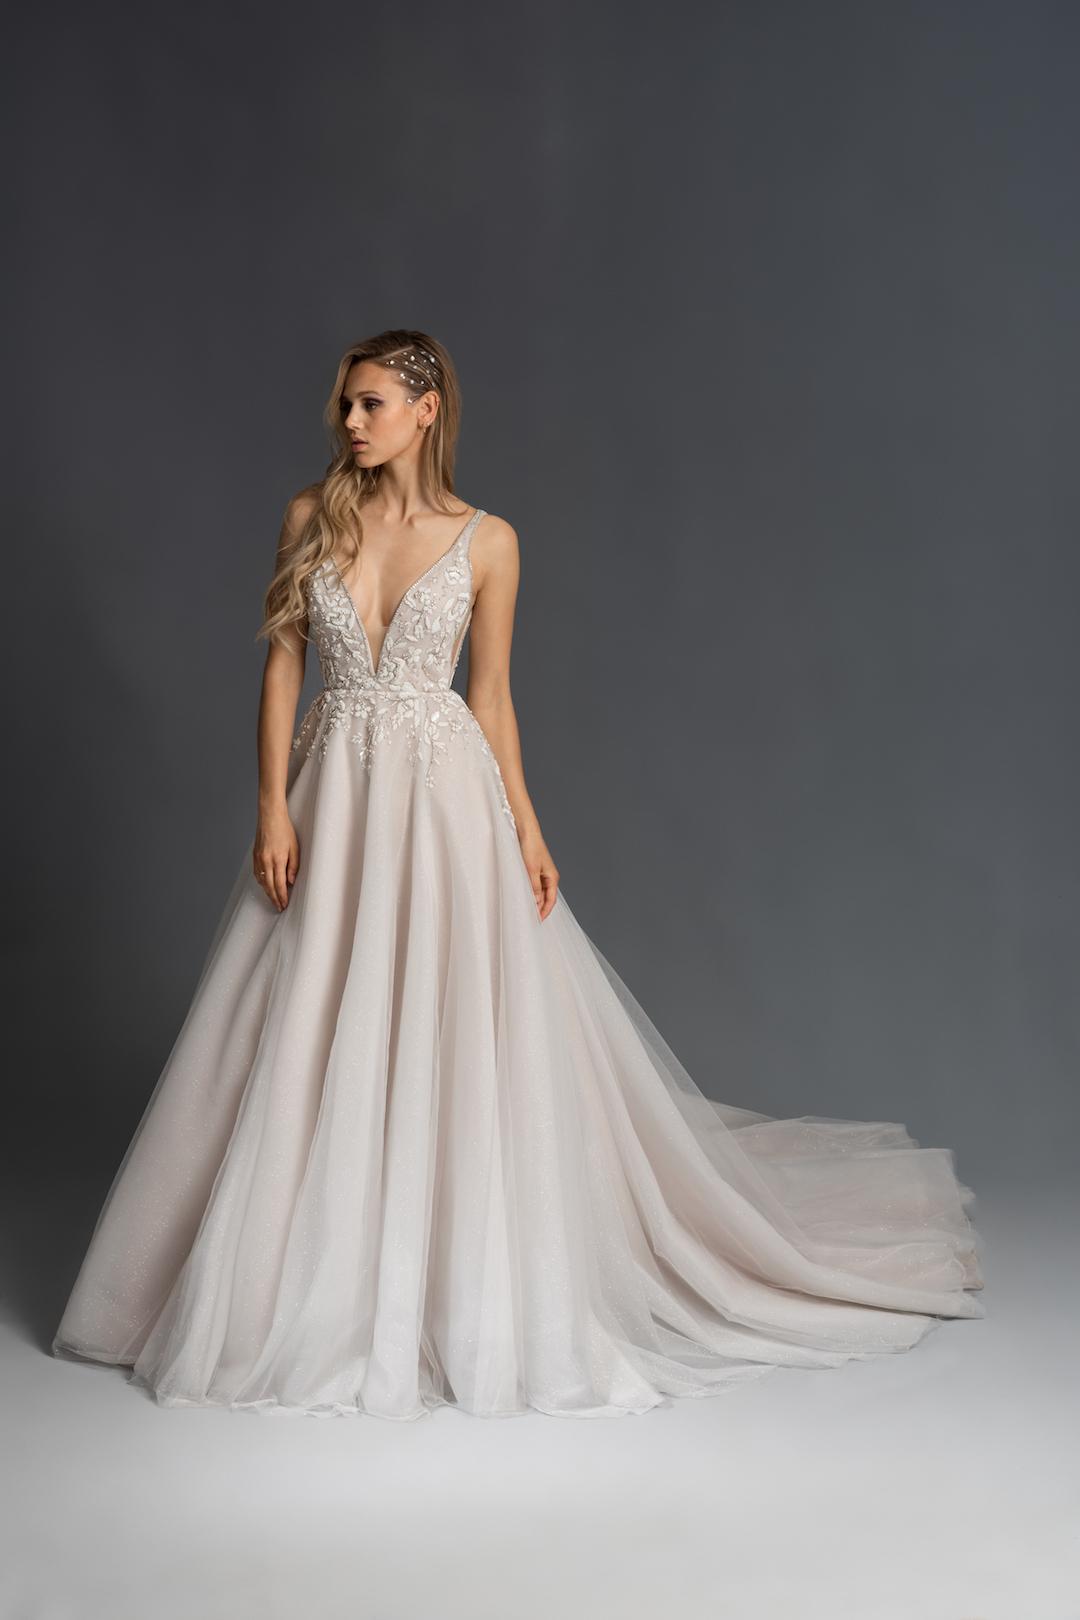 Lauren Wedding Dress by Hayley Paige